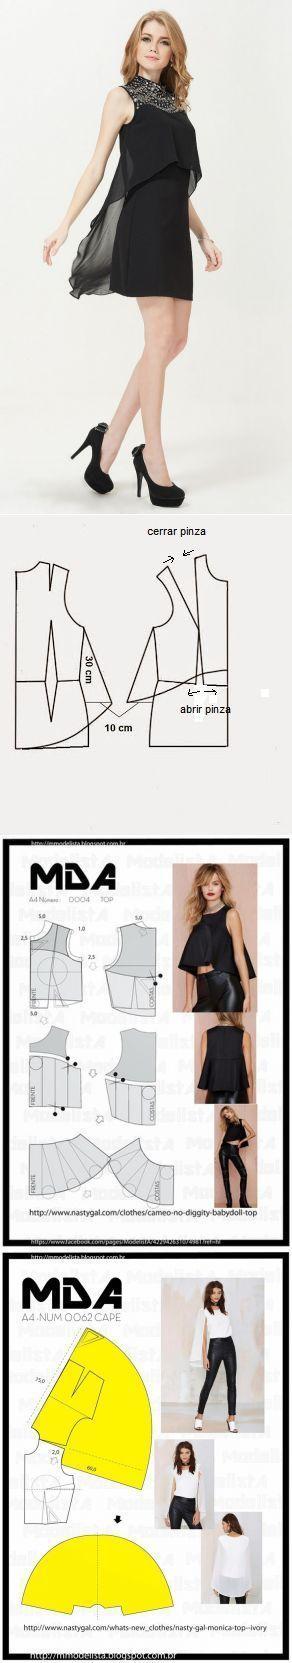 Шитье и крой | Costura | Pinterest | Las modelos, Los vestidos y Cabo